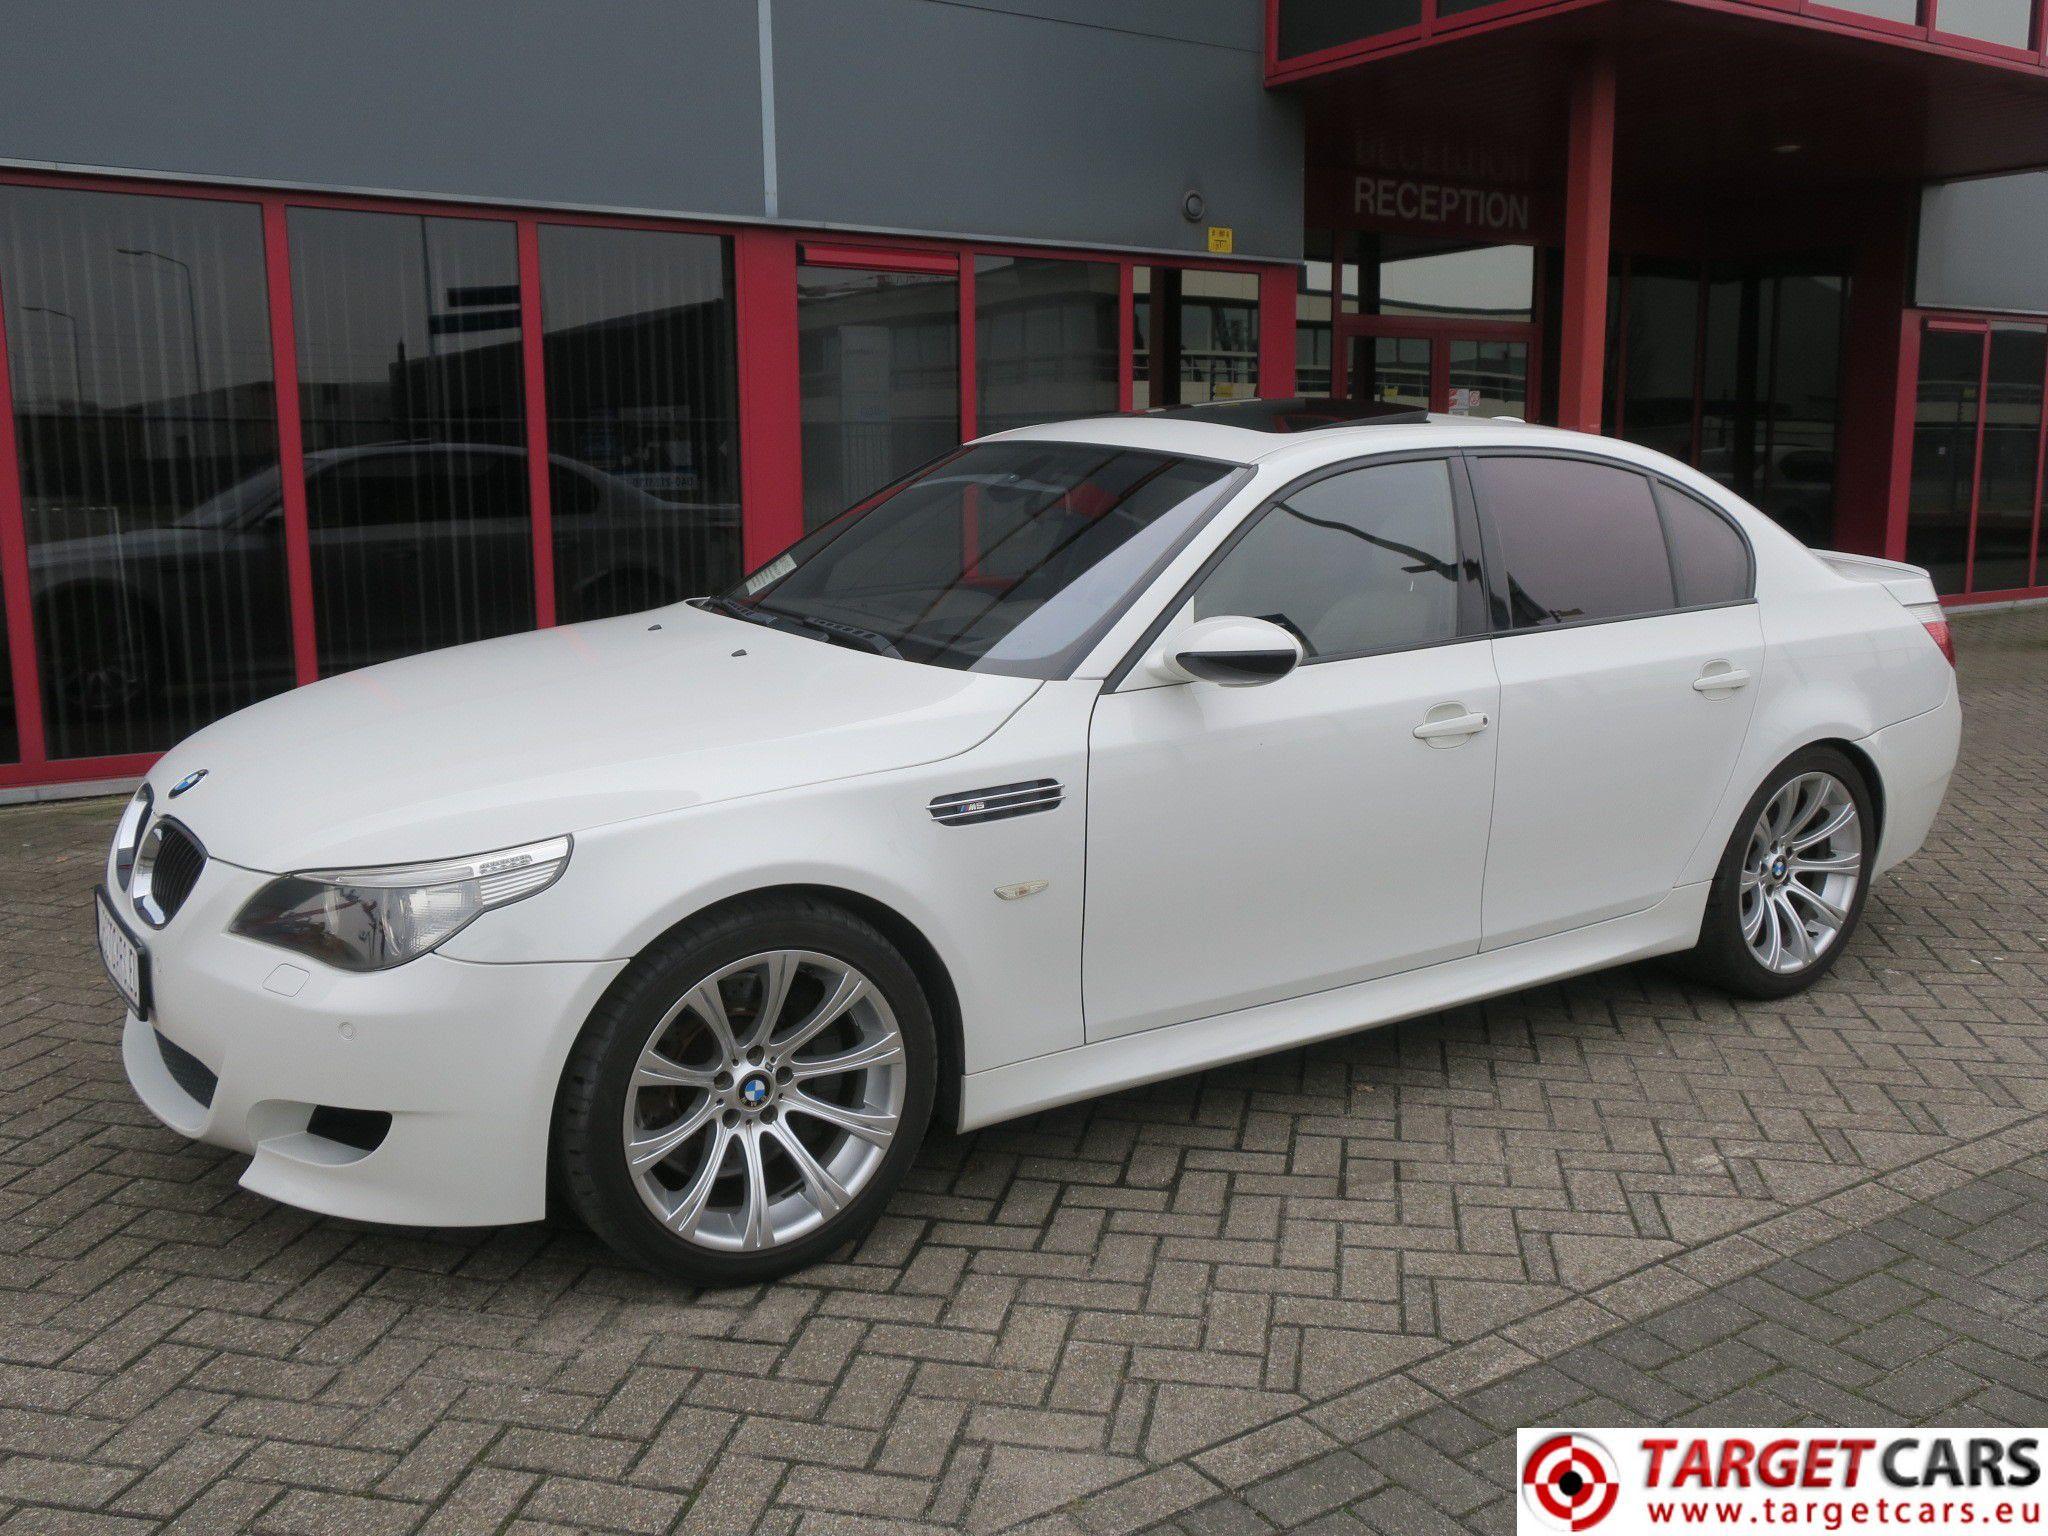 Bmw M5 E60 Sedan Smg 50l V10 507hp E60 09 05 White 63516km Lhd